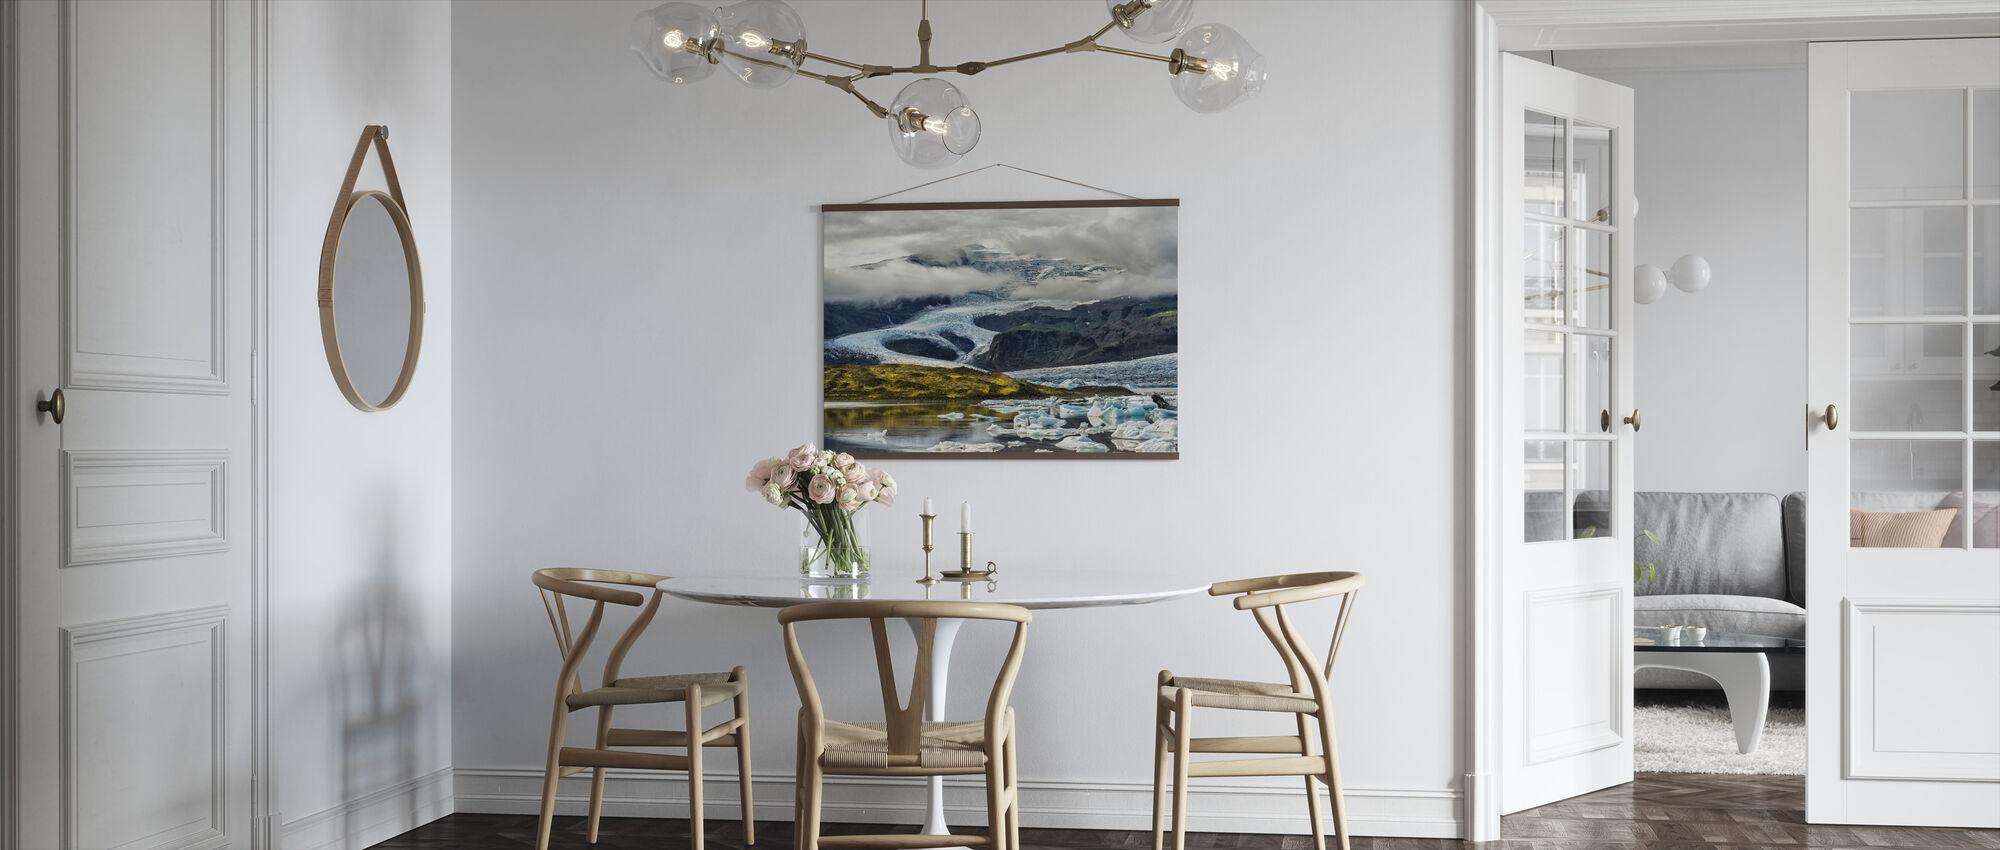 Islandsk isbre - Plakat - Kjøkken